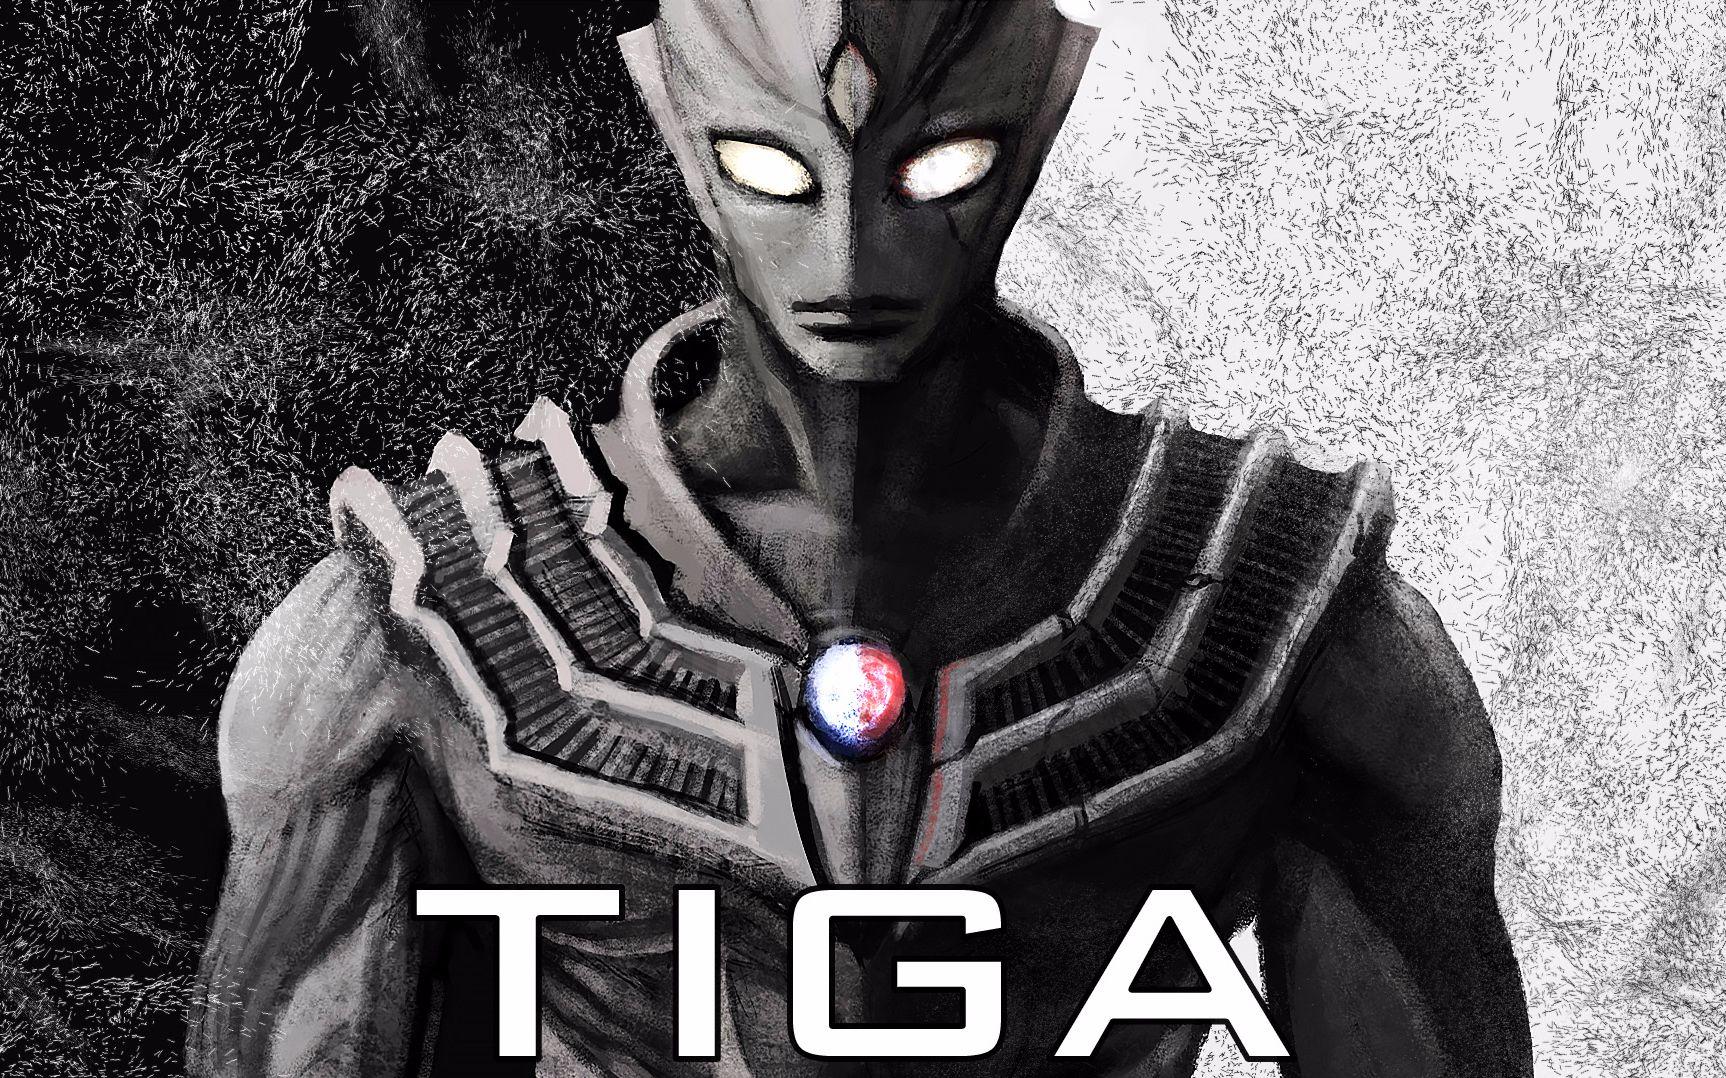 【迪迦前传】番外:门的背后【TIGA ORIGINAL】